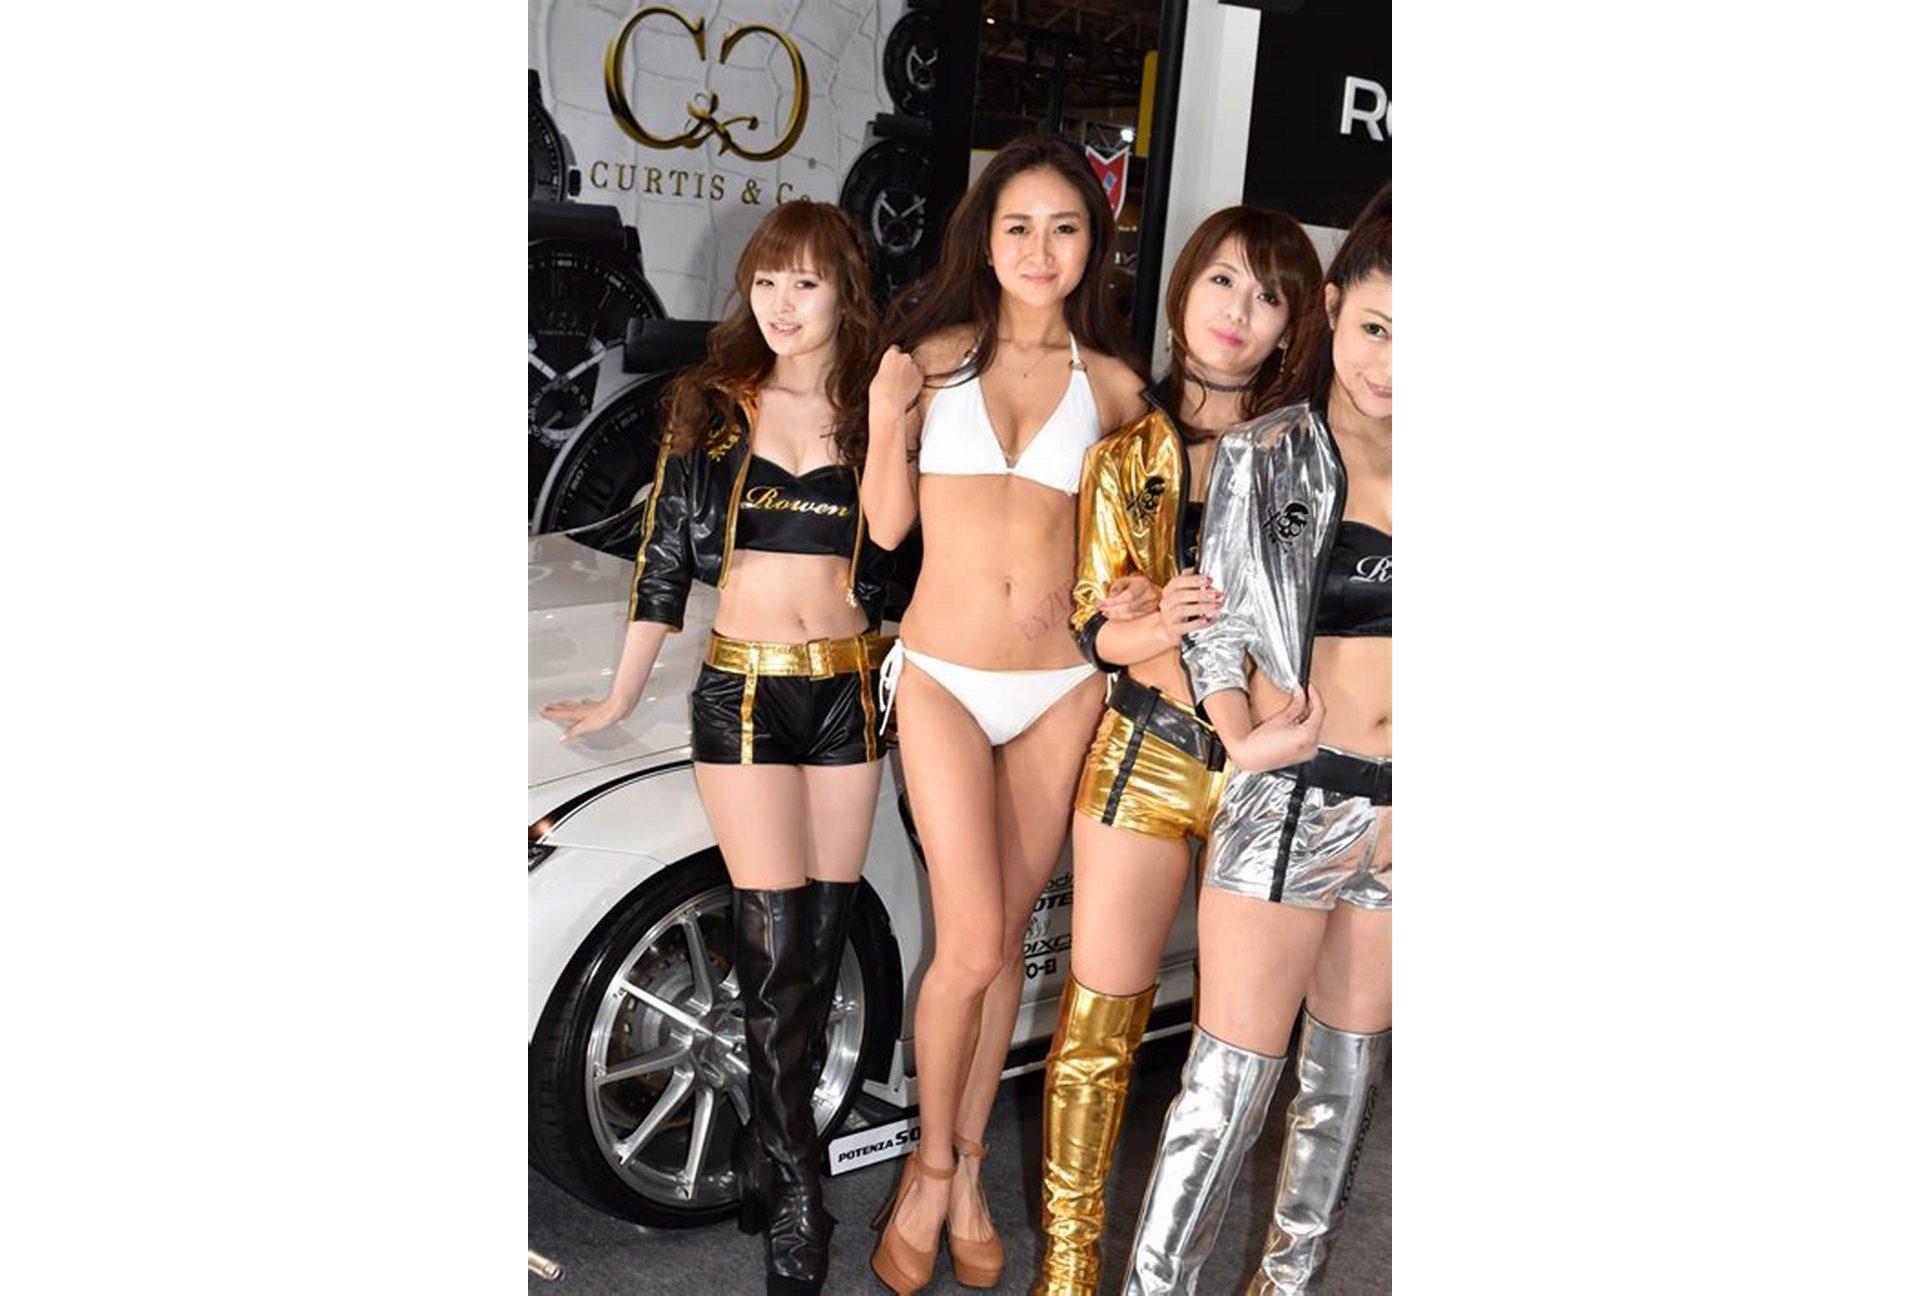 三次元 3次元 エロ画像 キャンペーンガール べっぴん娘通信 34